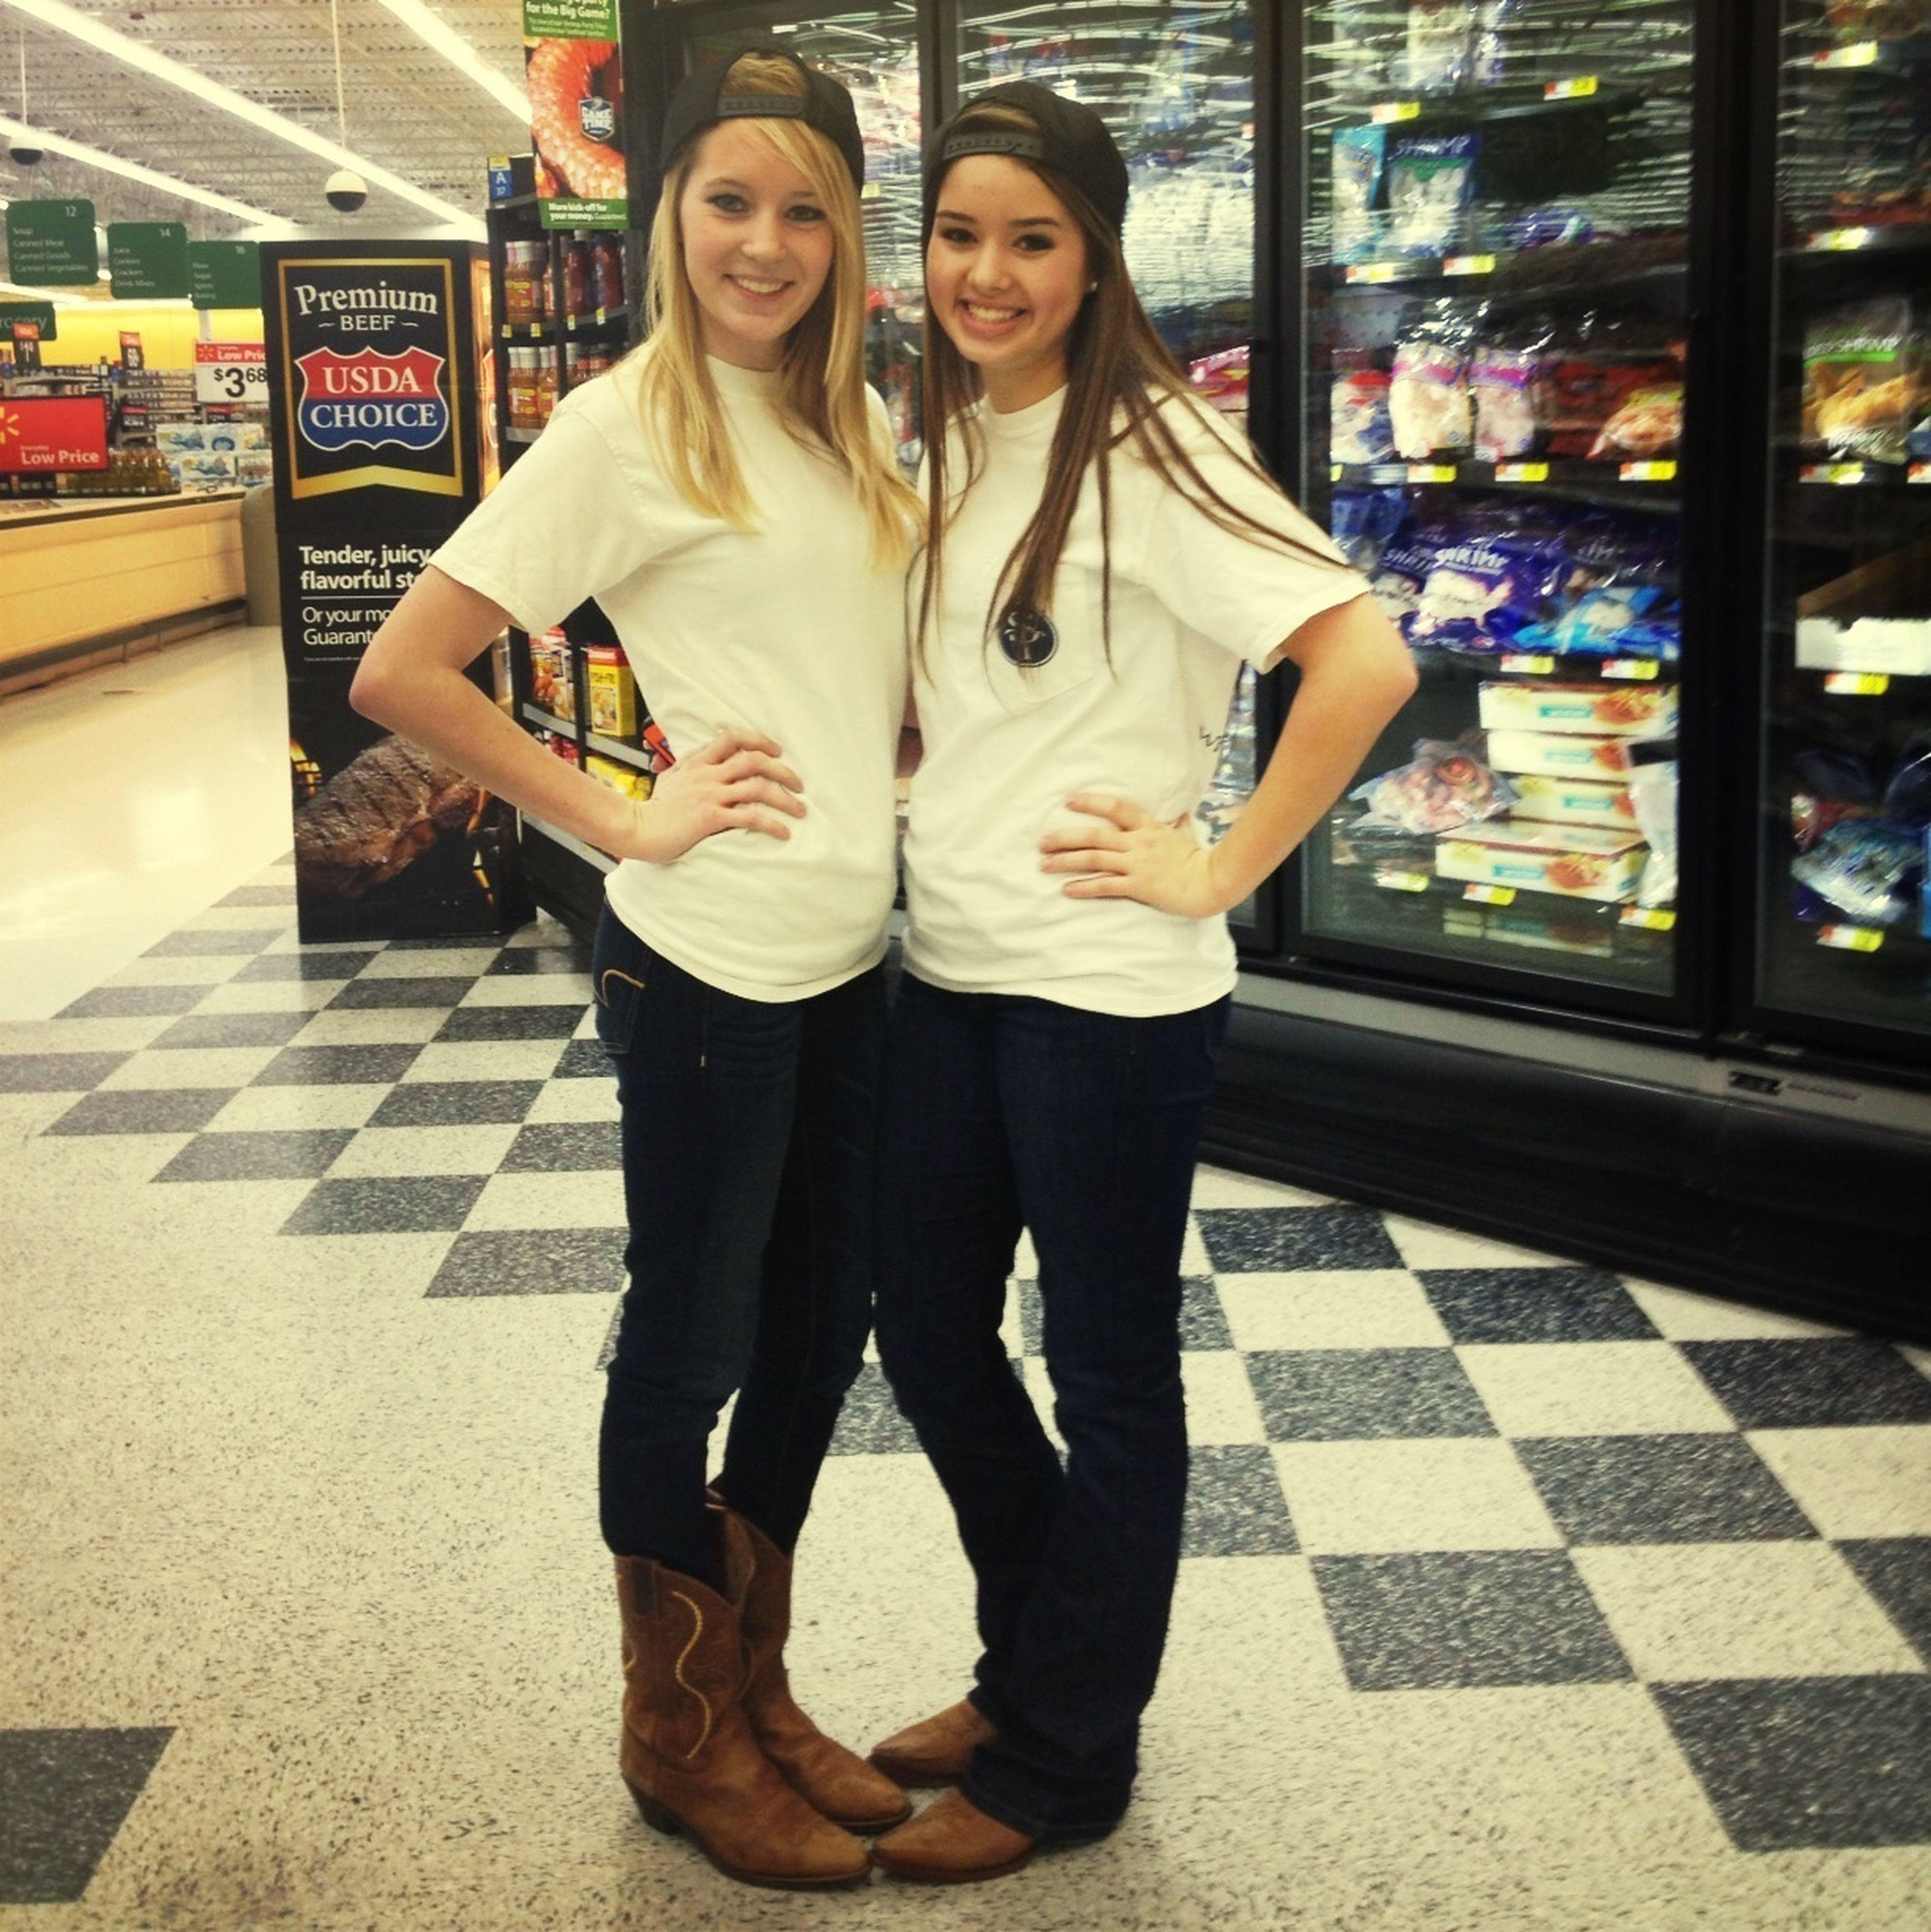 Awkward Walmart Pictures With My Bestfriend:)